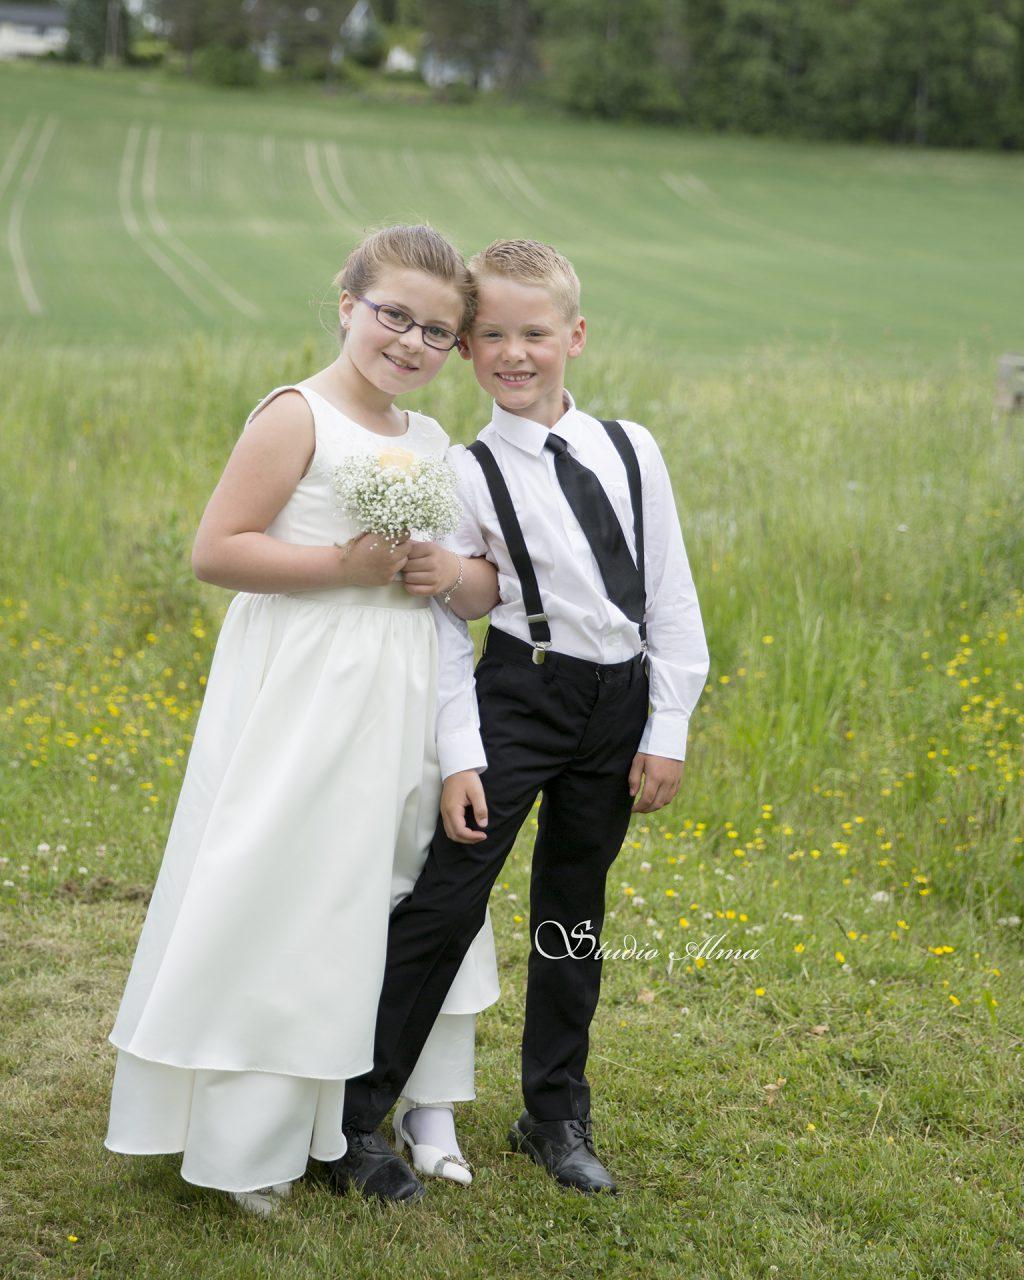 studioalma-brudepike-brudesvenn-bryllup